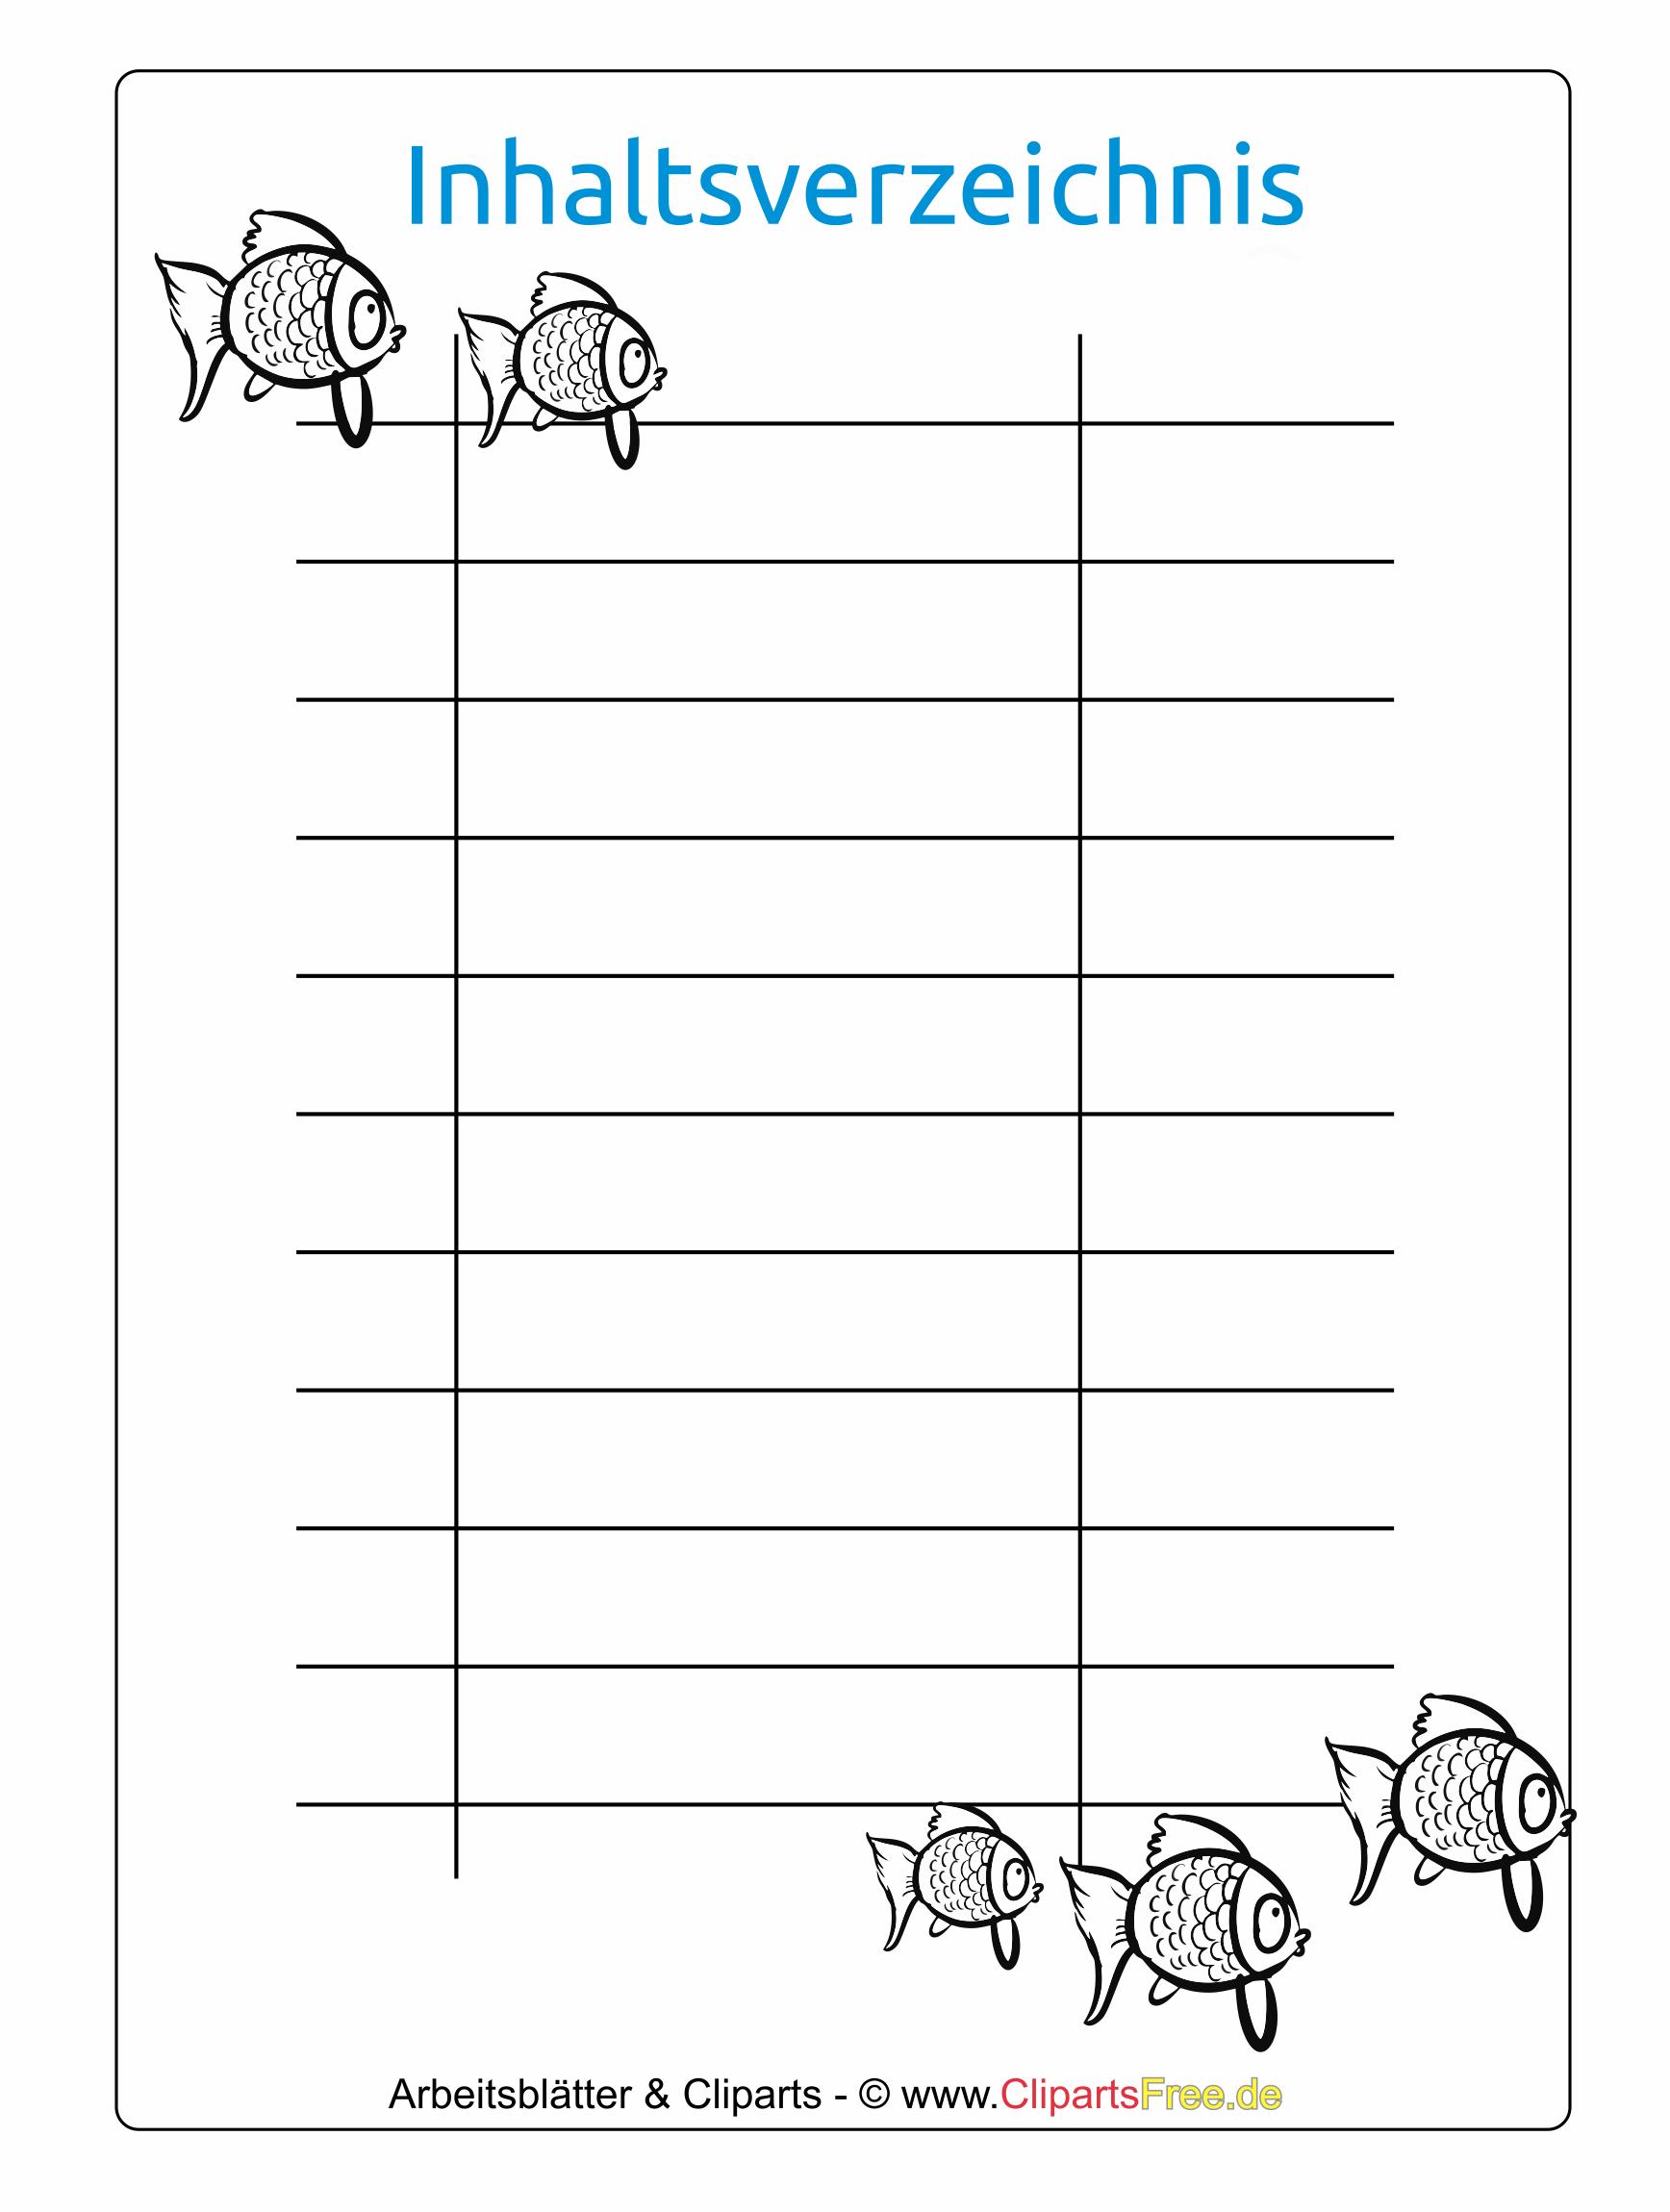 Inhaltsverzeichnis vorlage zum ausdrucken for Tabelle muster word